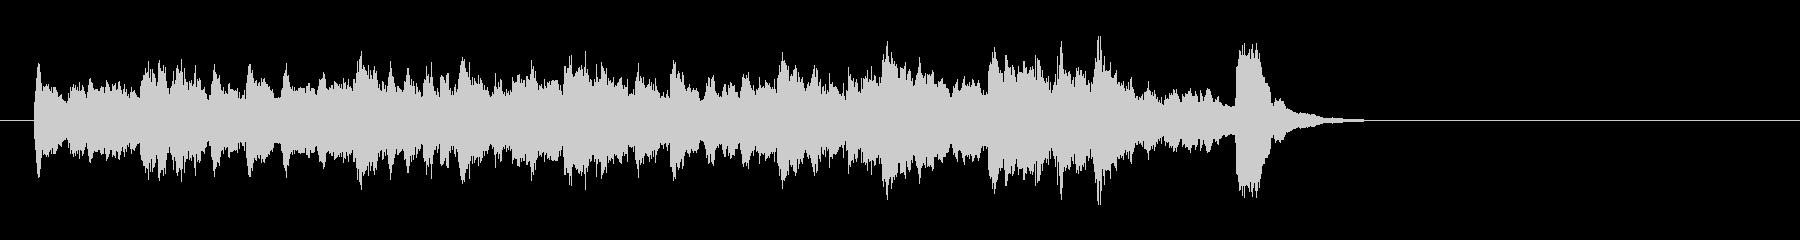 ワルツなセミクラ風ポップ(イントロ)の未再生の波形